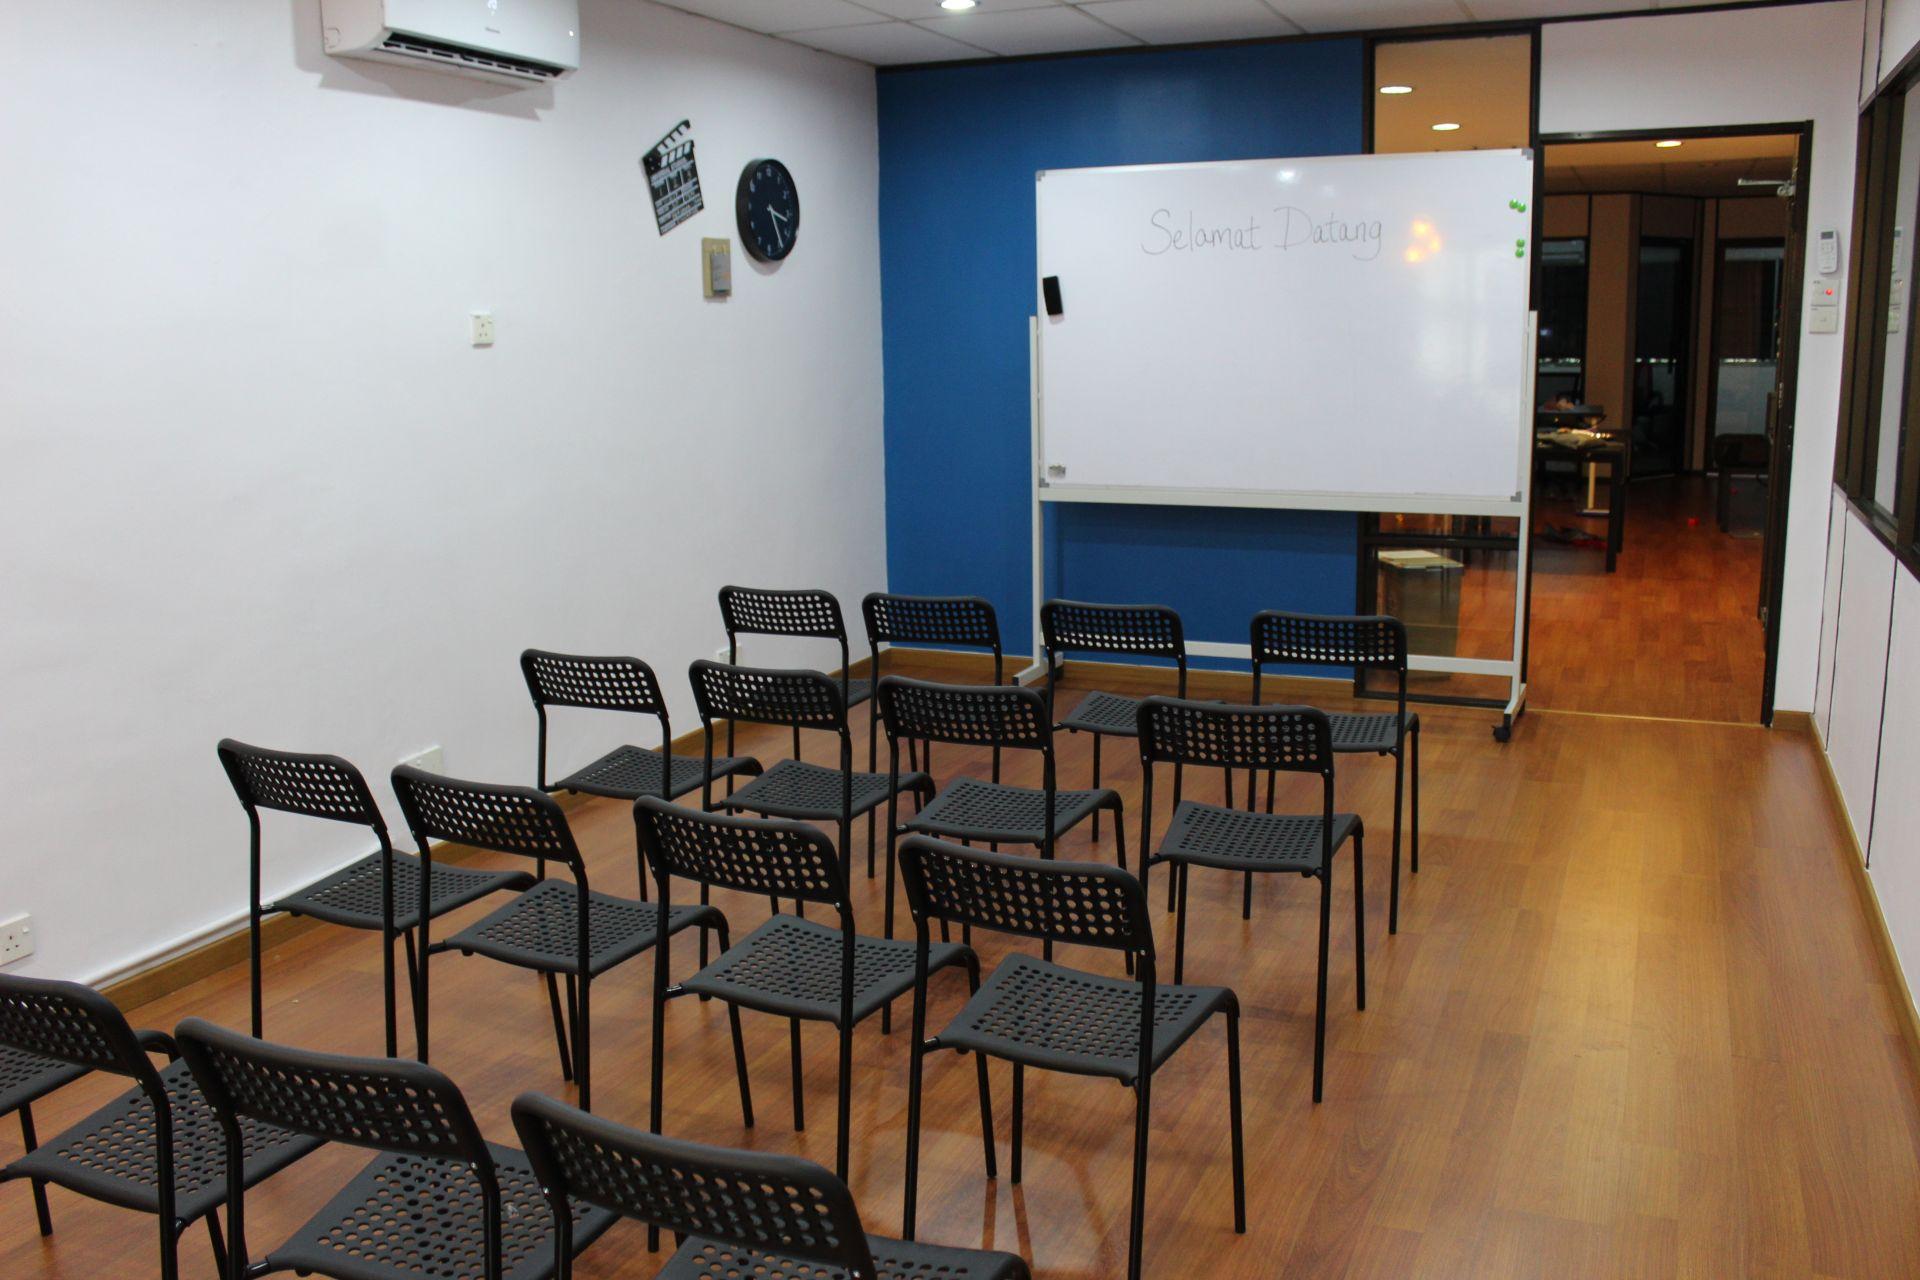 Bersama-Sama Coworking Community, Penang